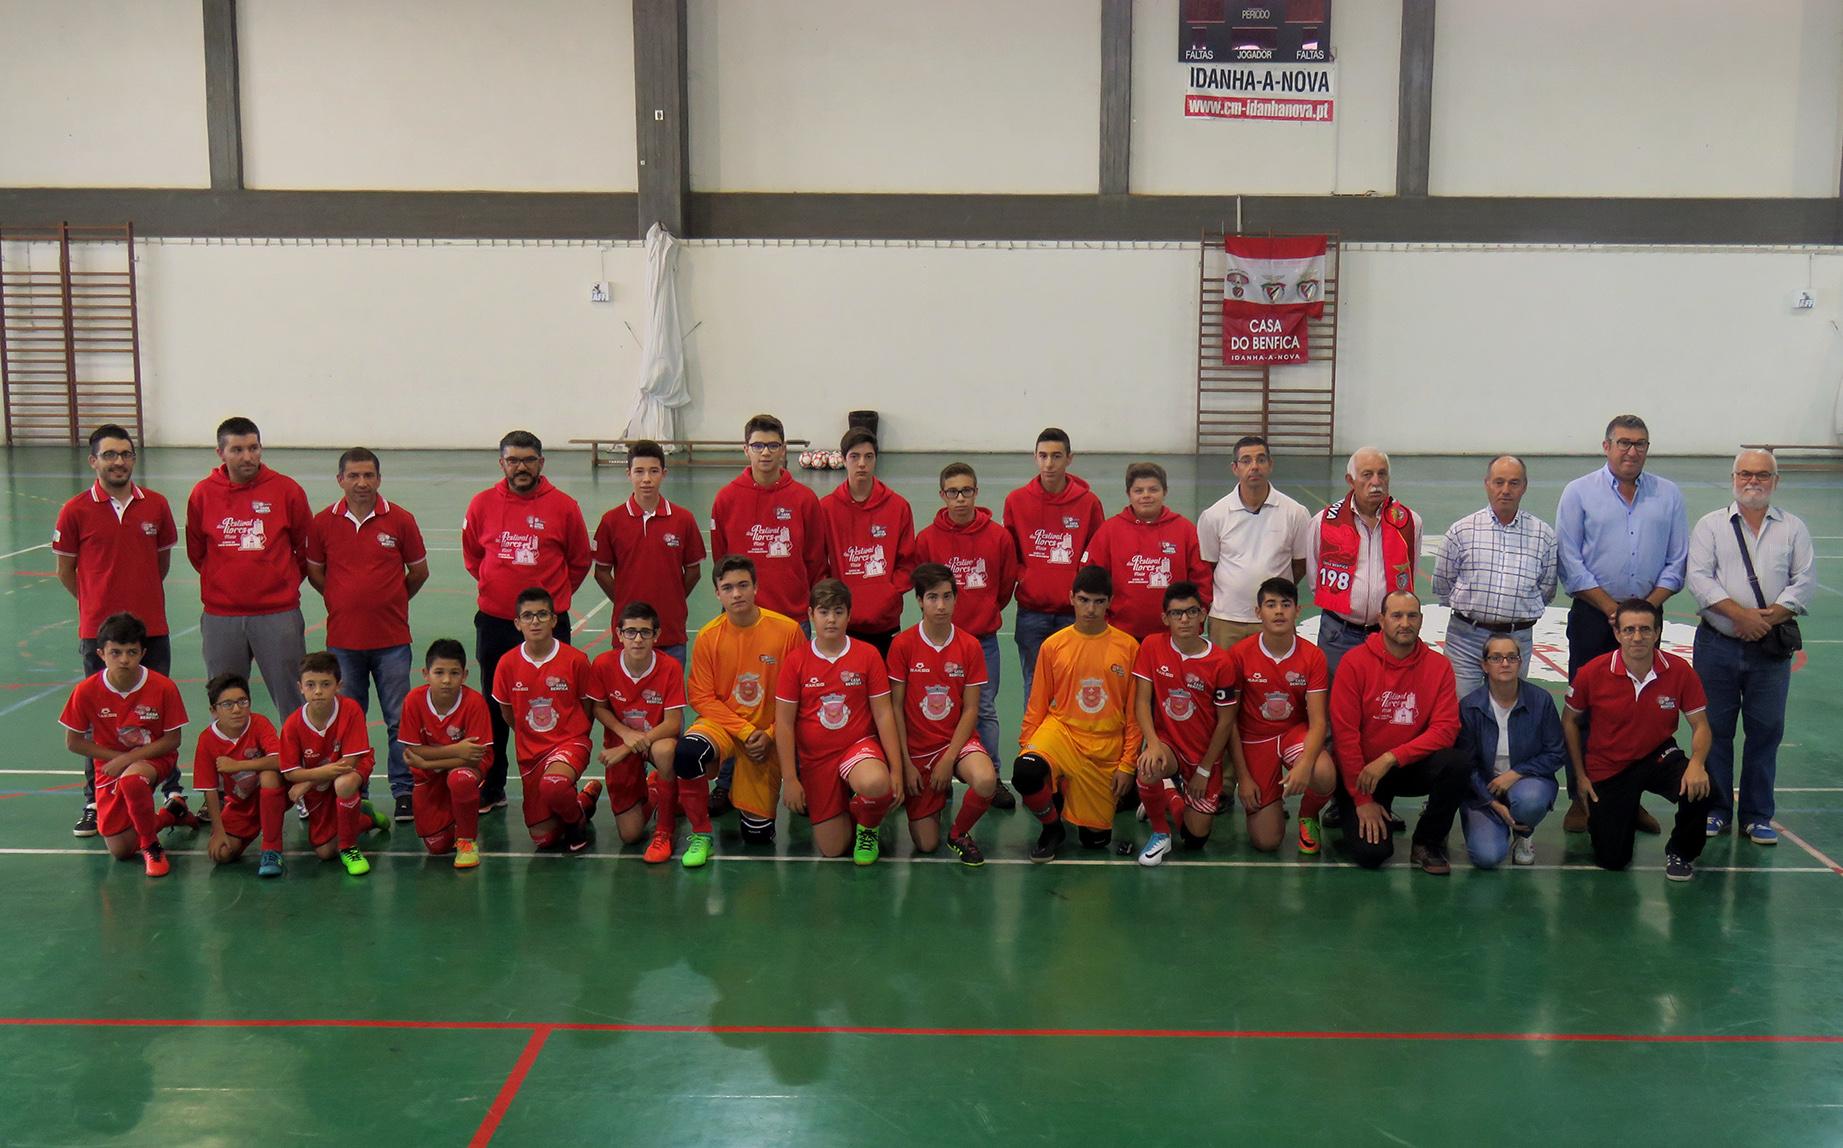 Casa do Benfica em Idanha-a-Nova apresenta equipas da formação 1ef2dce5d0f52